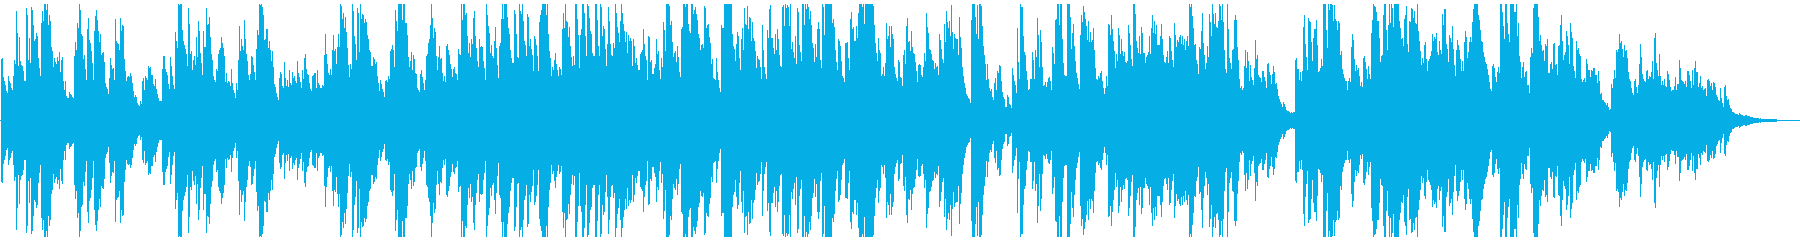 メロディアス 優しくおしゃれなピアノソロの再生済みの波形